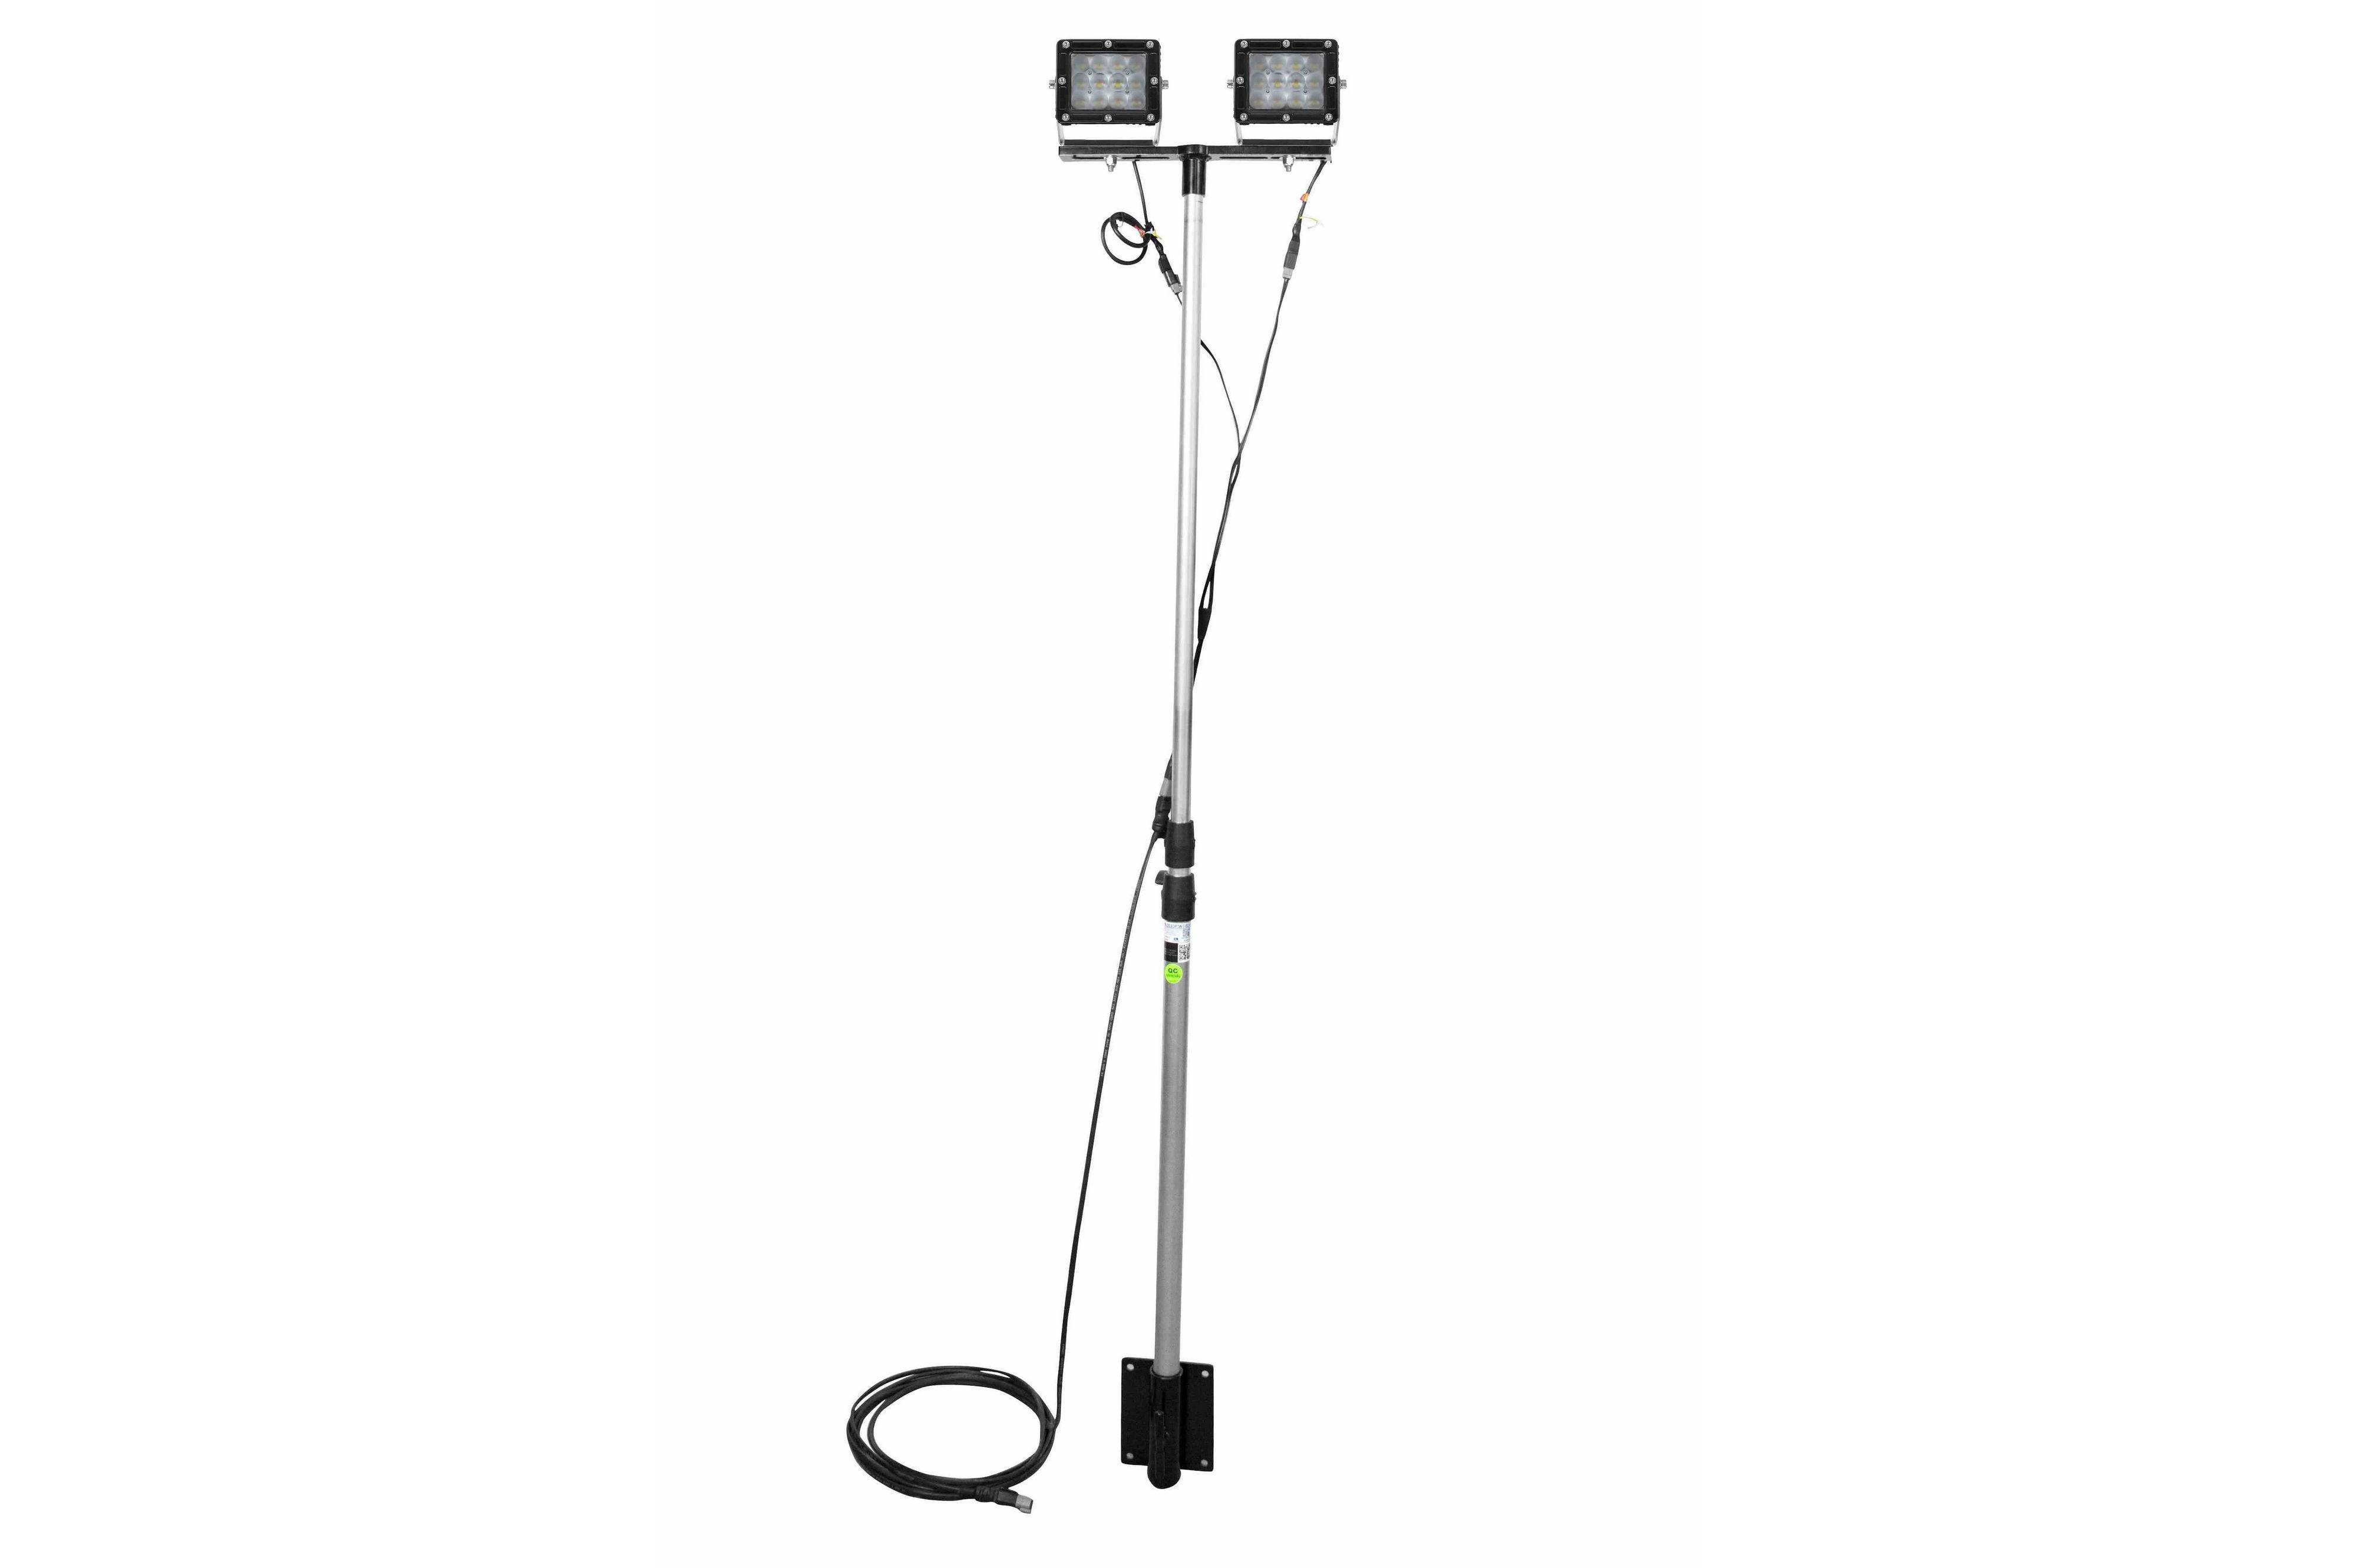 120w Led Pole Light